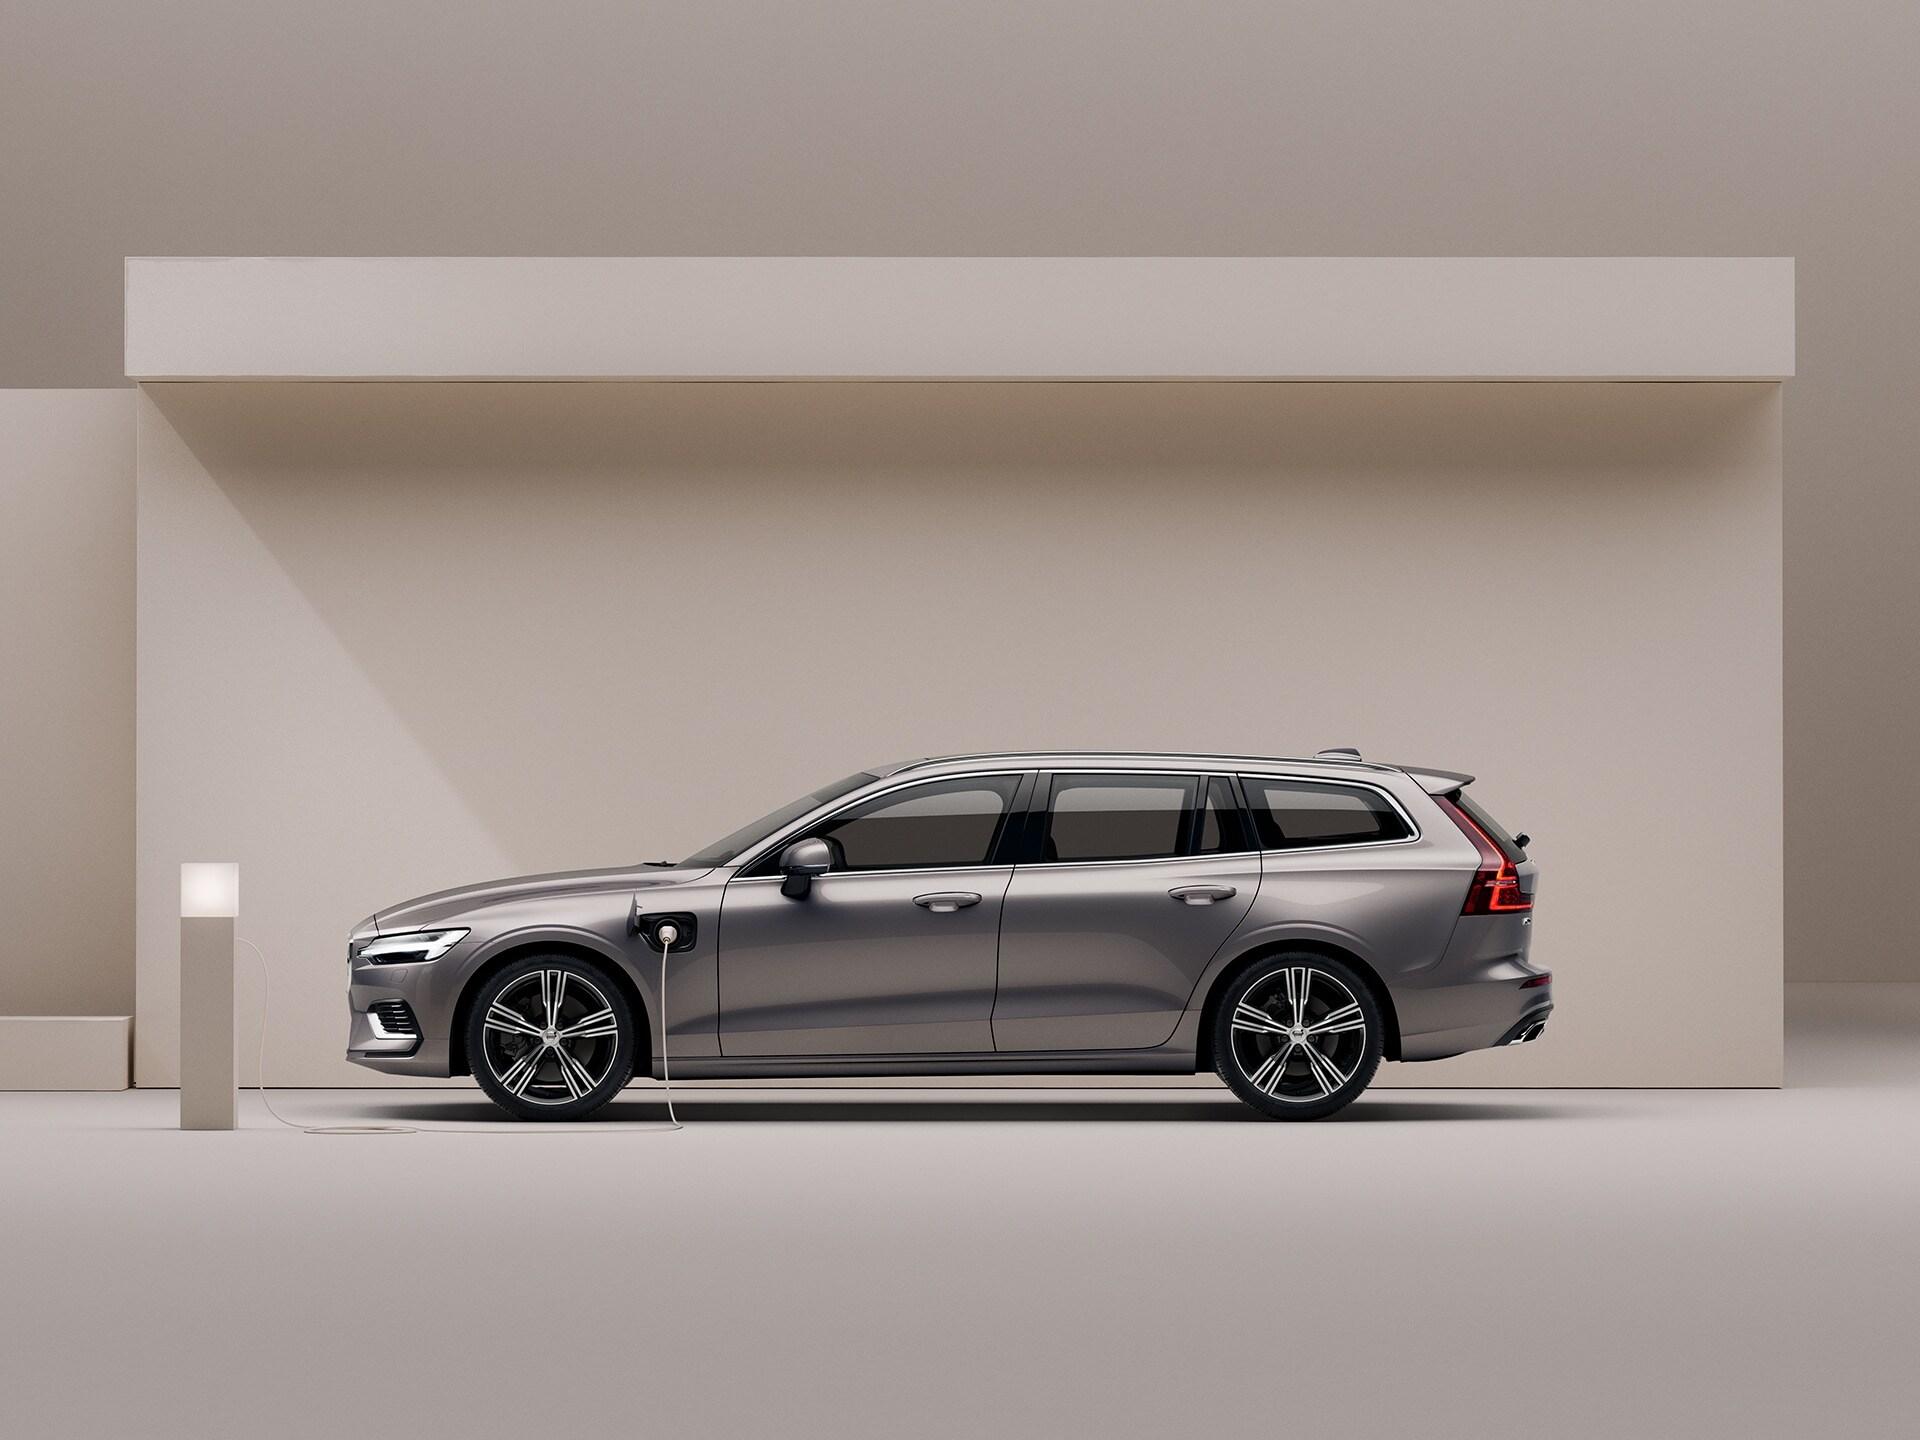 Break Volvo V60 hybride Recharge beige, en charge dans un environnement beige